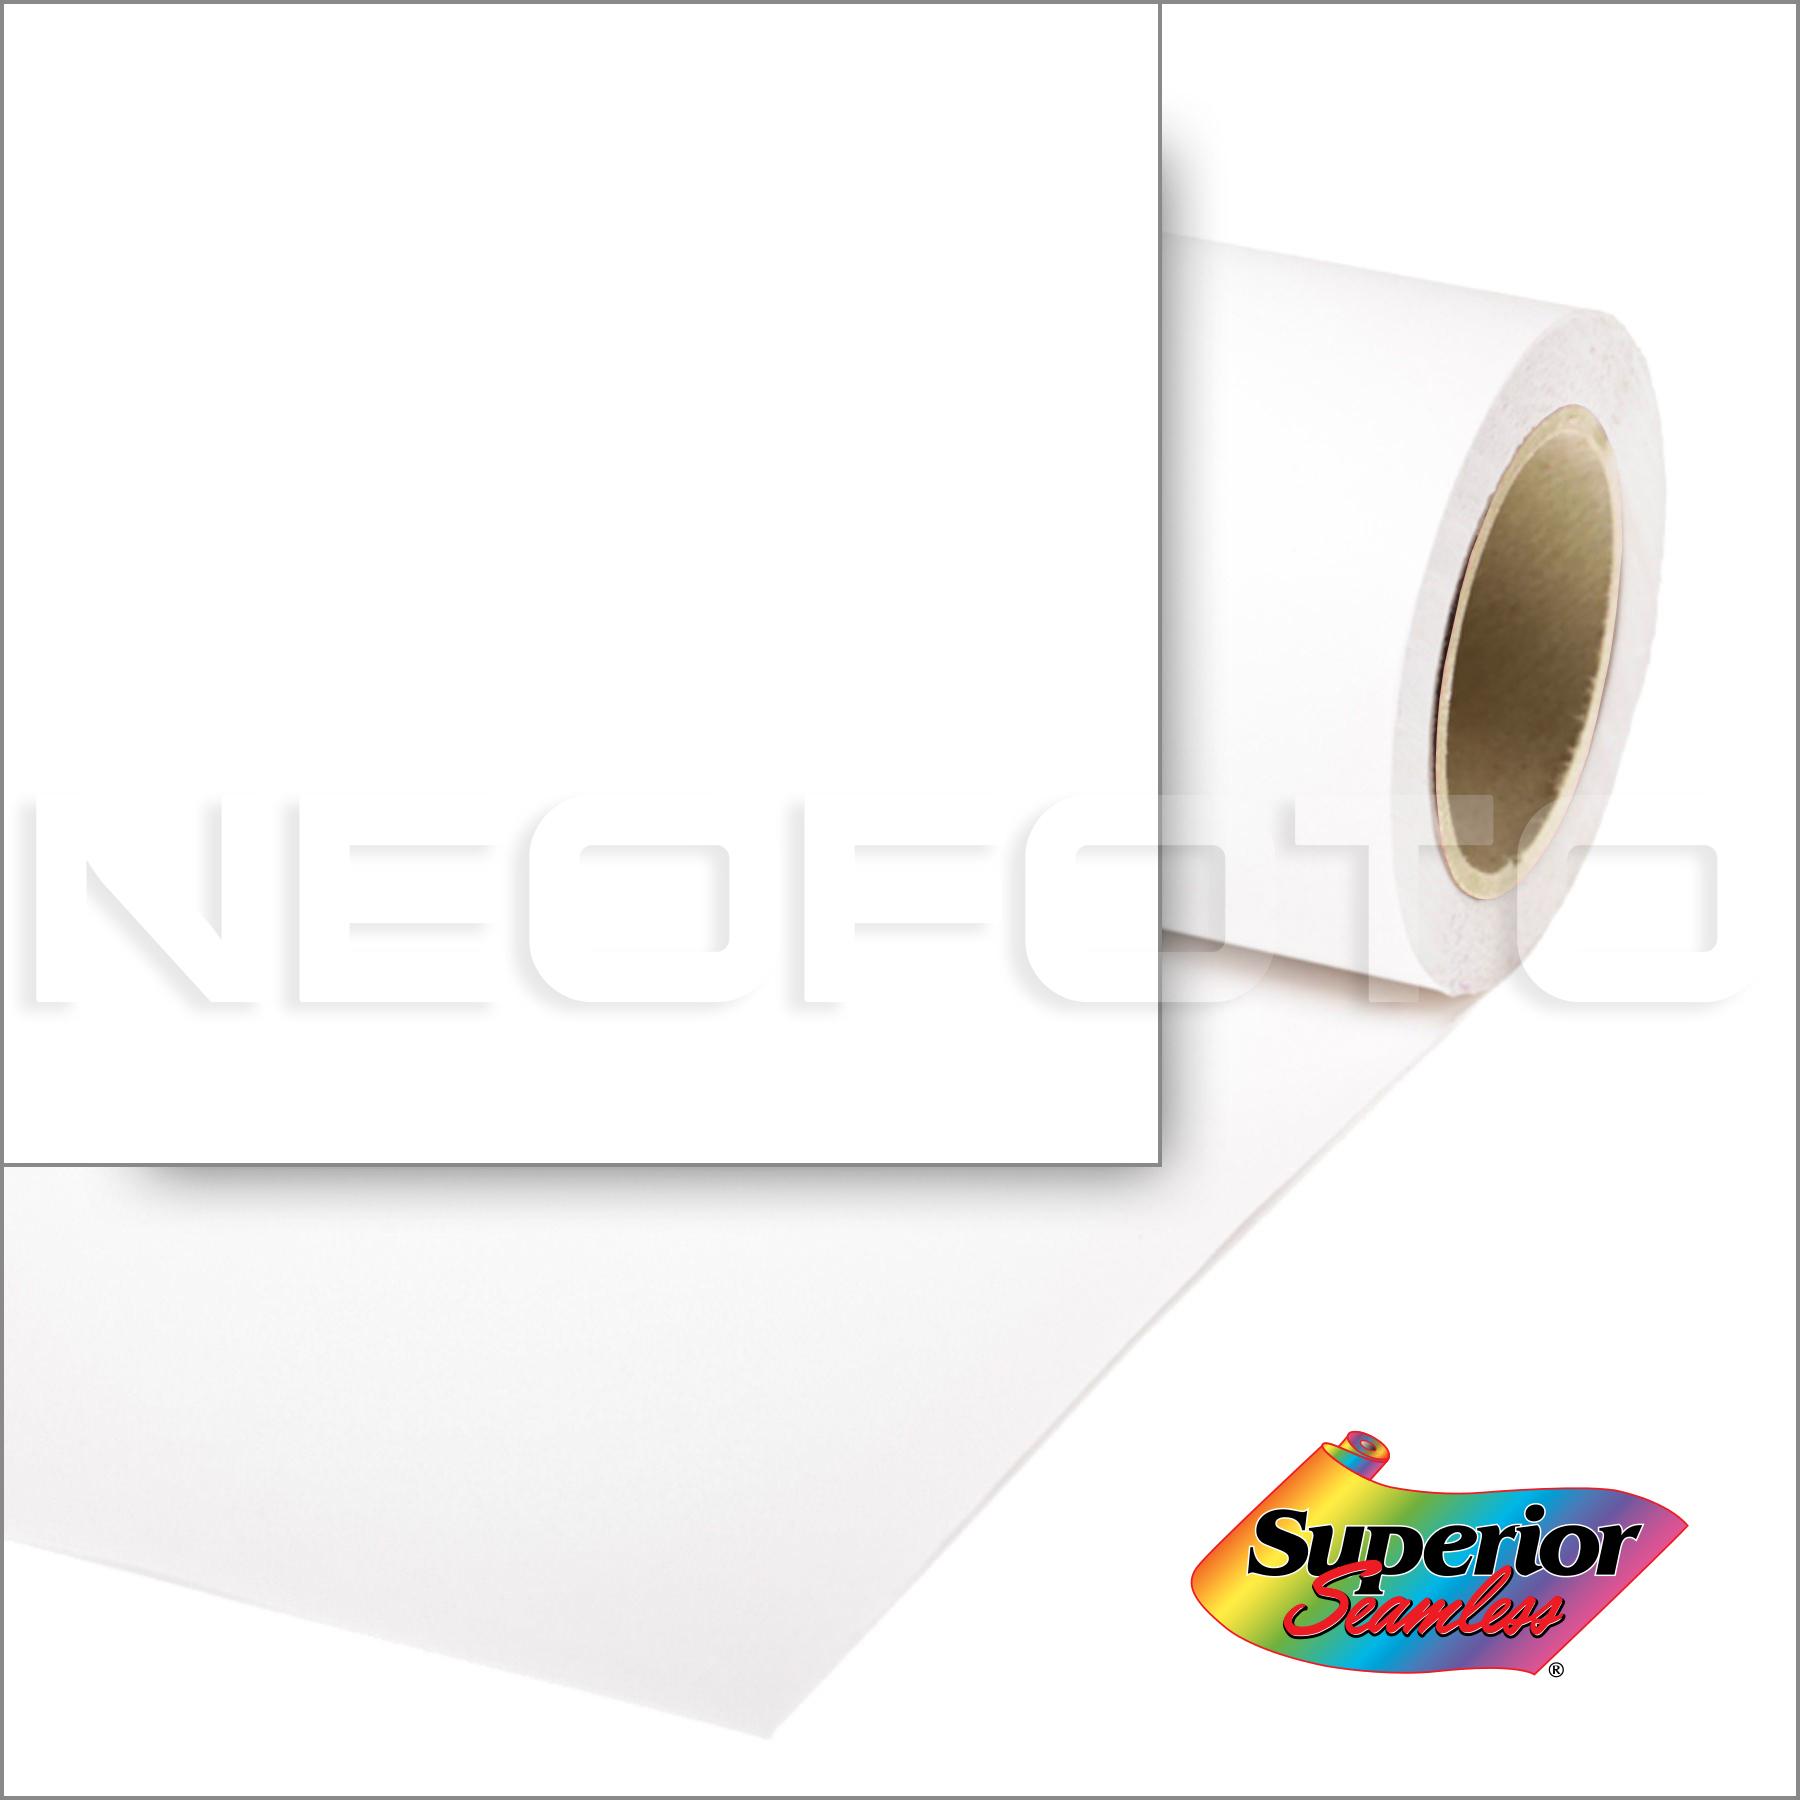 Superior 93 2.72 Х 11м Arctic white